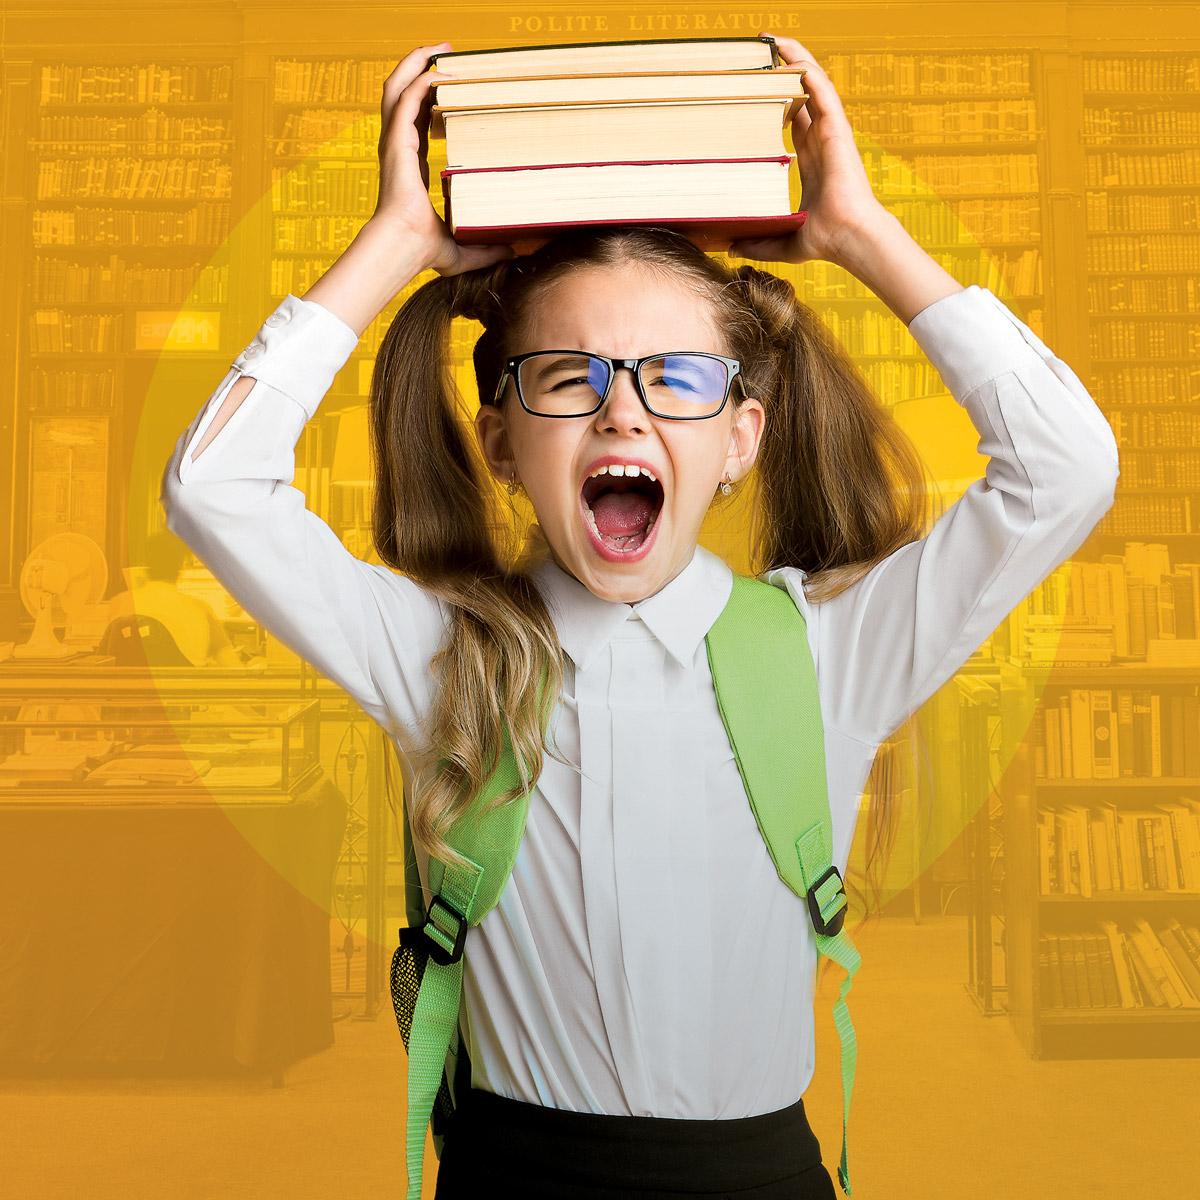 Argüelles Los Libros de Moda y los poderes del lector